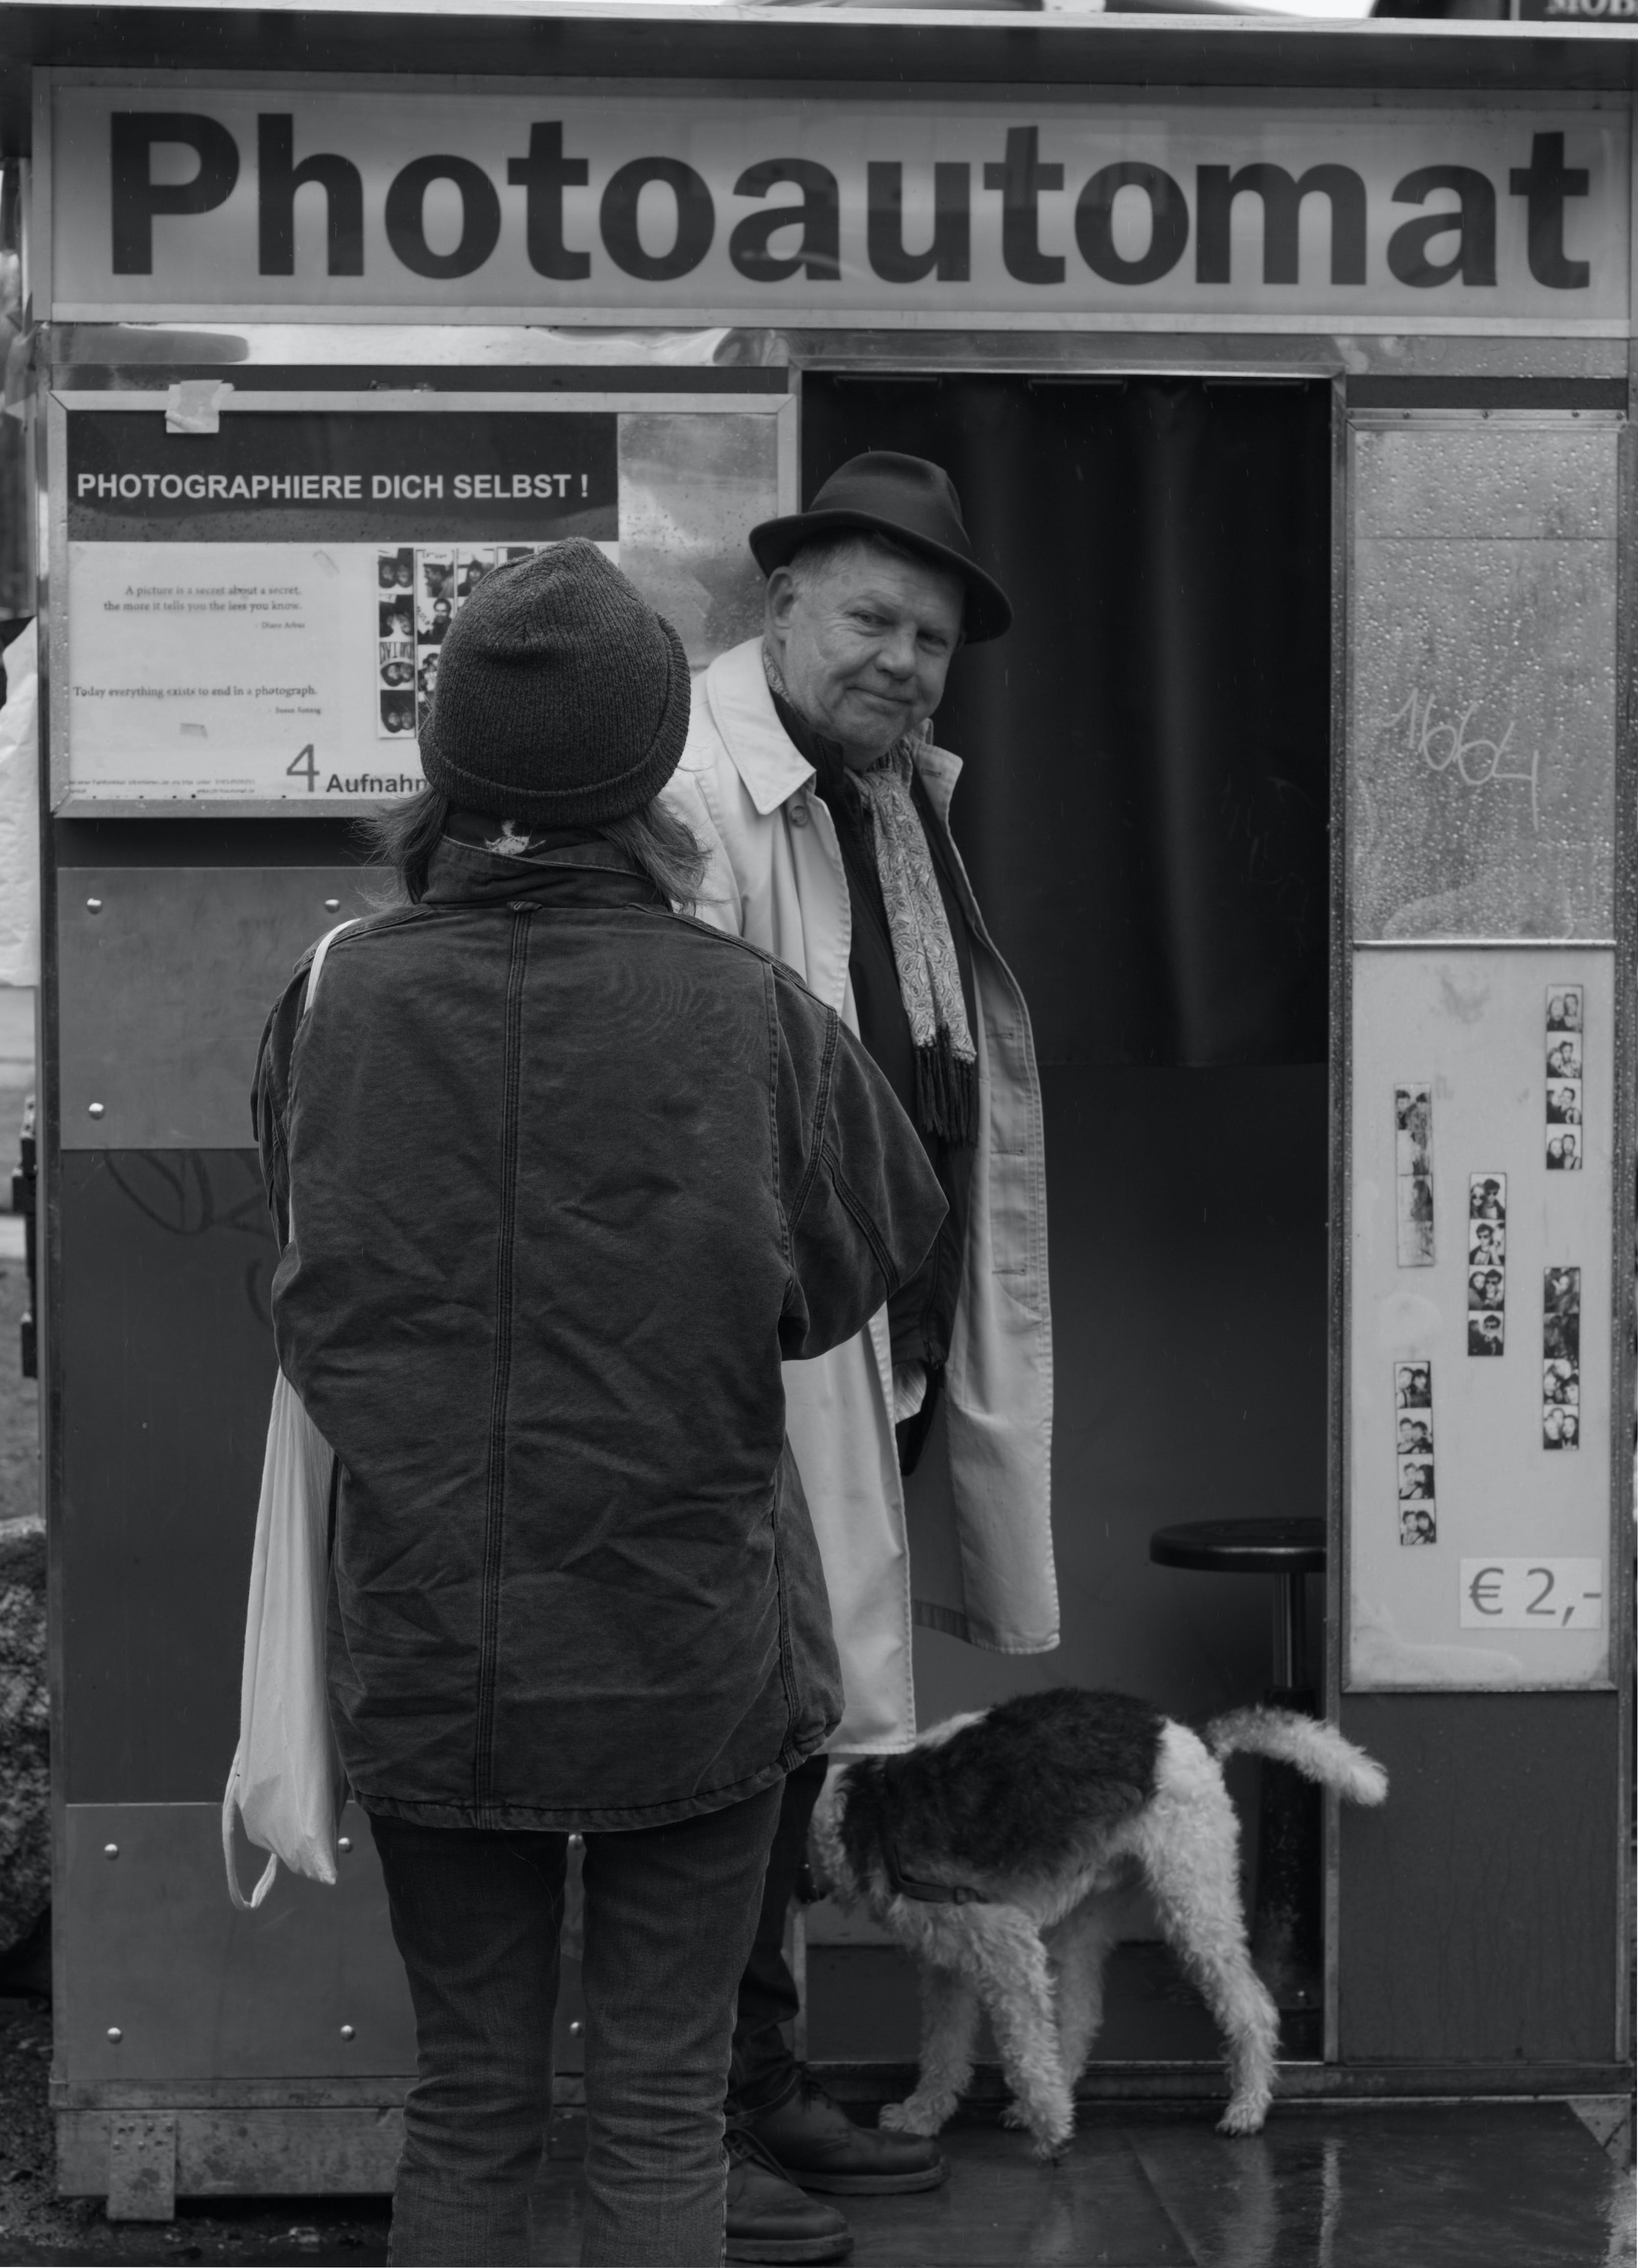 Δωρεάν στοκ φωτογραφιών με Άνθρωποι, ασπρόμαυρο, σκύλος